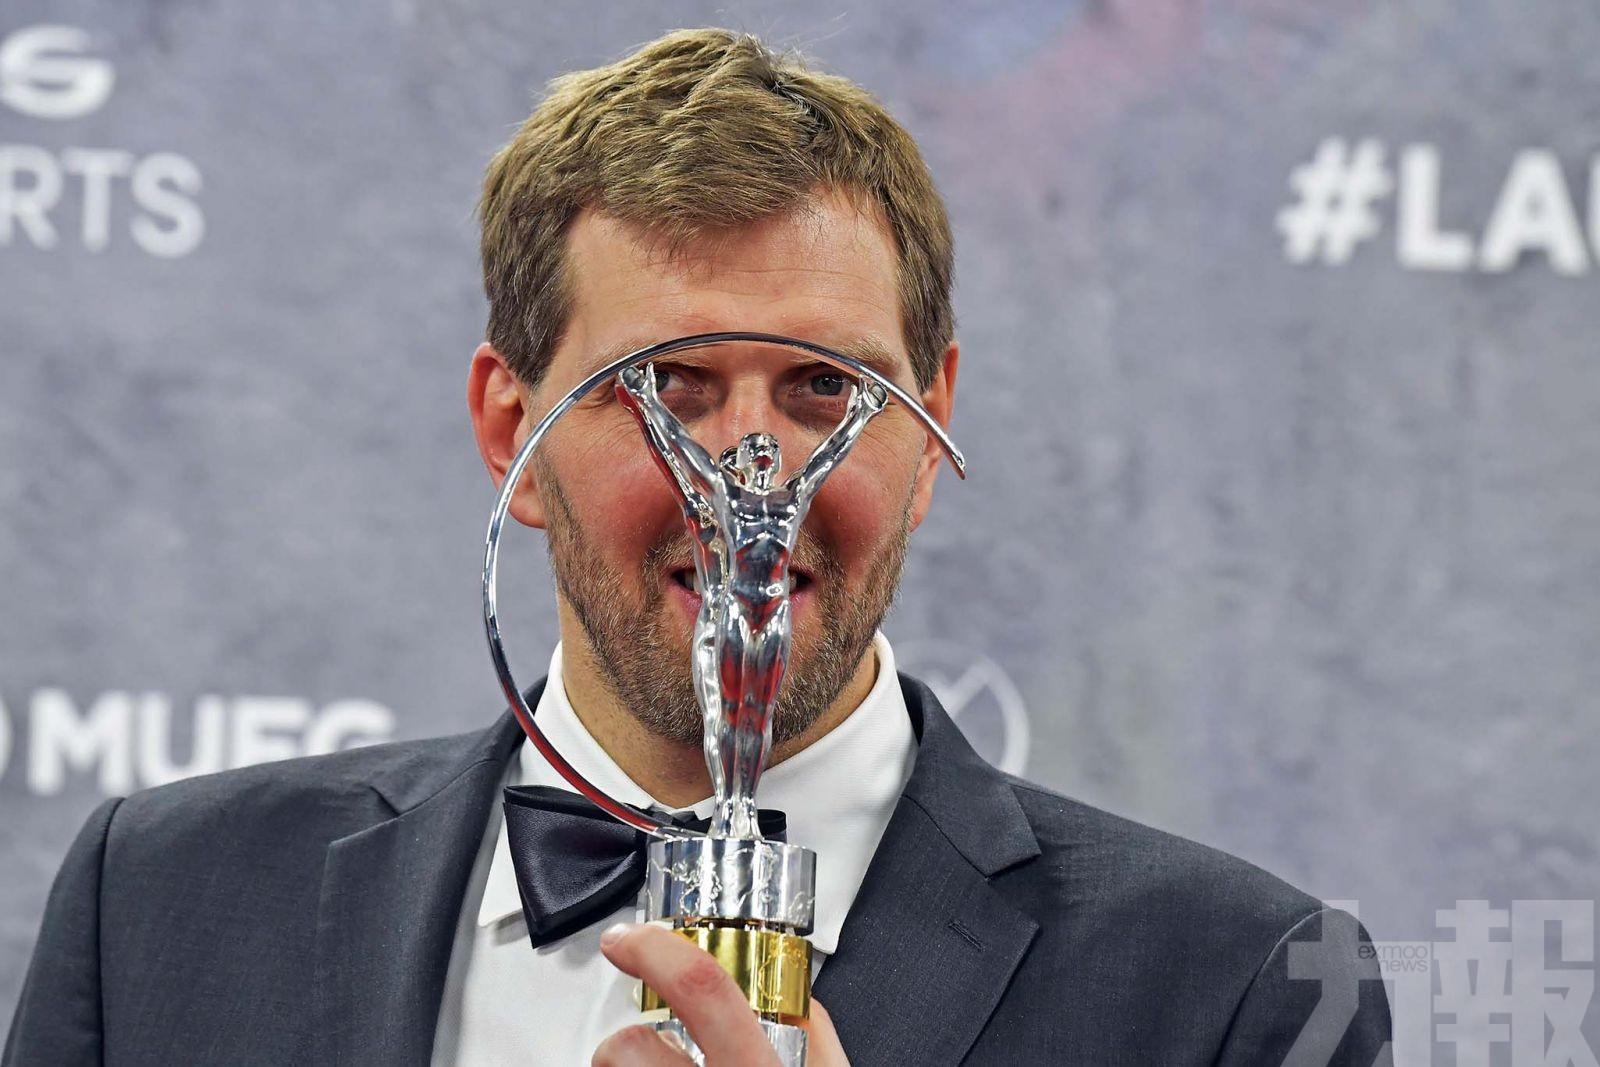 美斯咸美頓同奪最佳男運動員獎